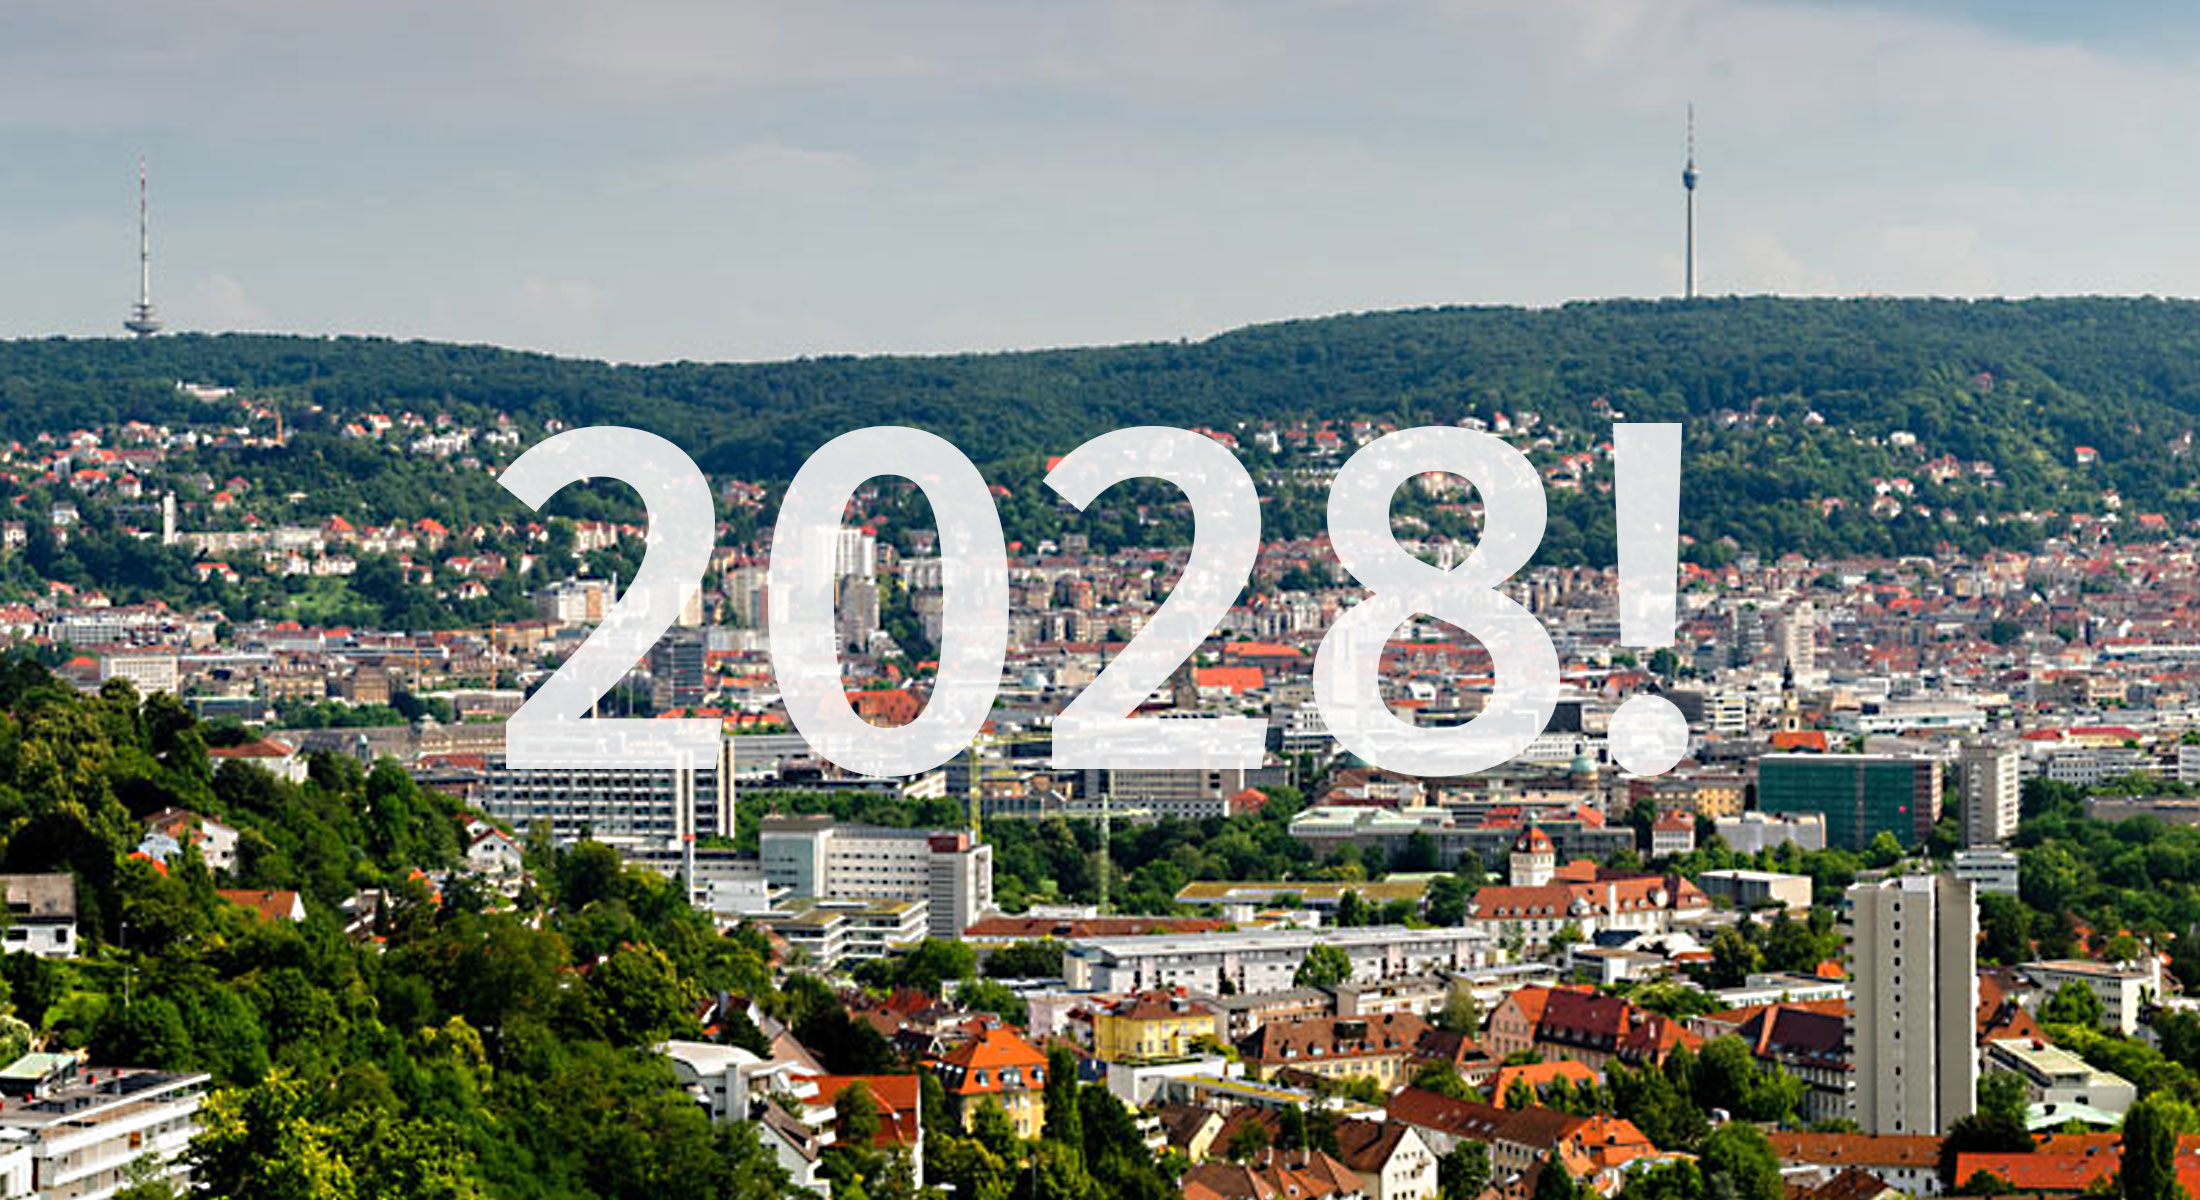 Marketing Club Region Stuttgart-Heilbronn Veranstaltung: der Wirtschaftsstandort Stuttgart